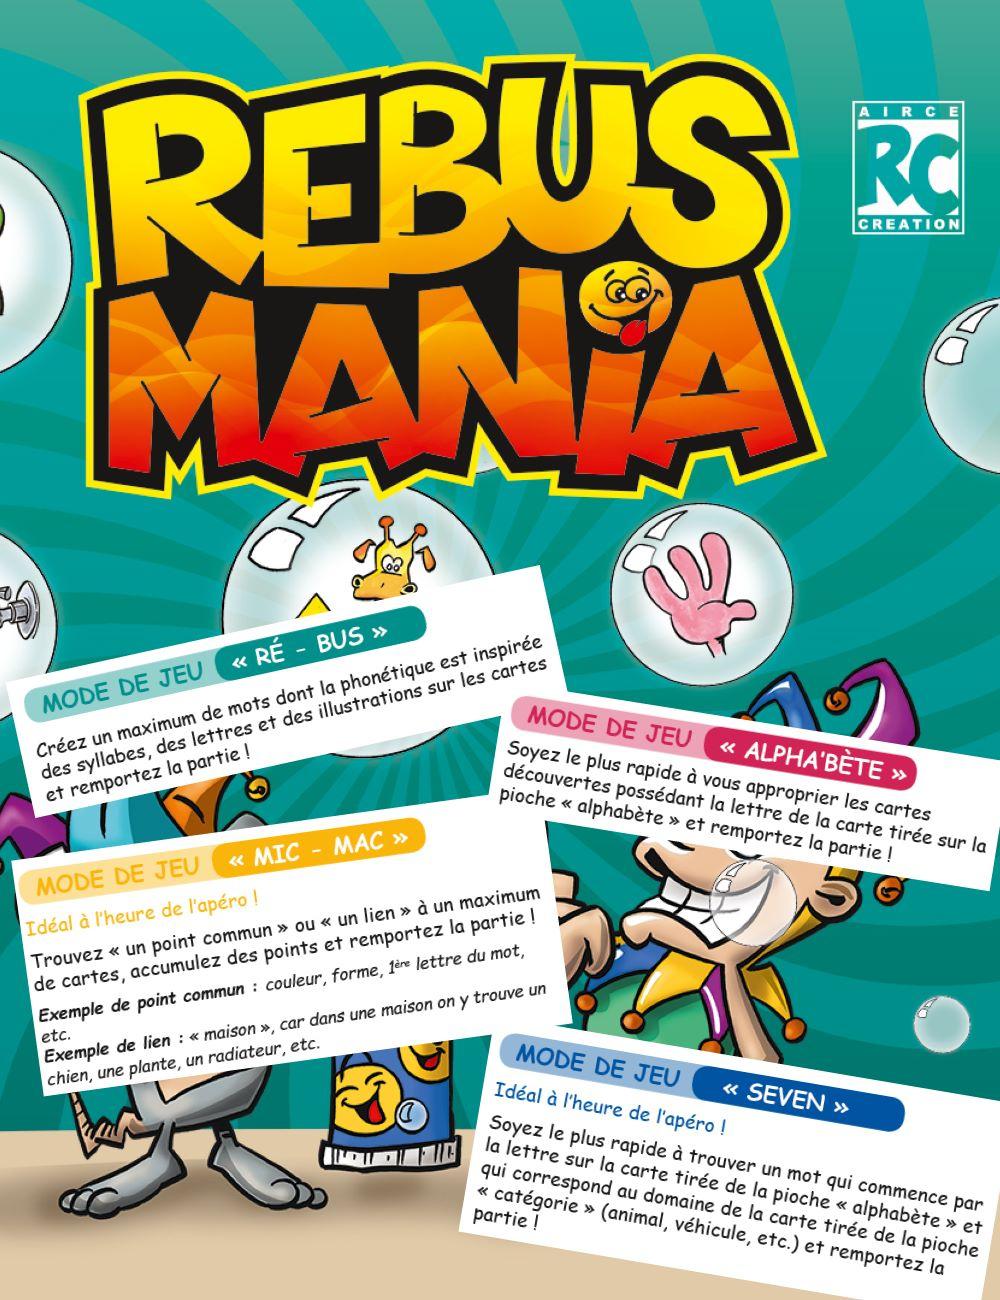 Règles Du Jeu Rebus Mania - Aircé.ch tout Jeux De Rebus